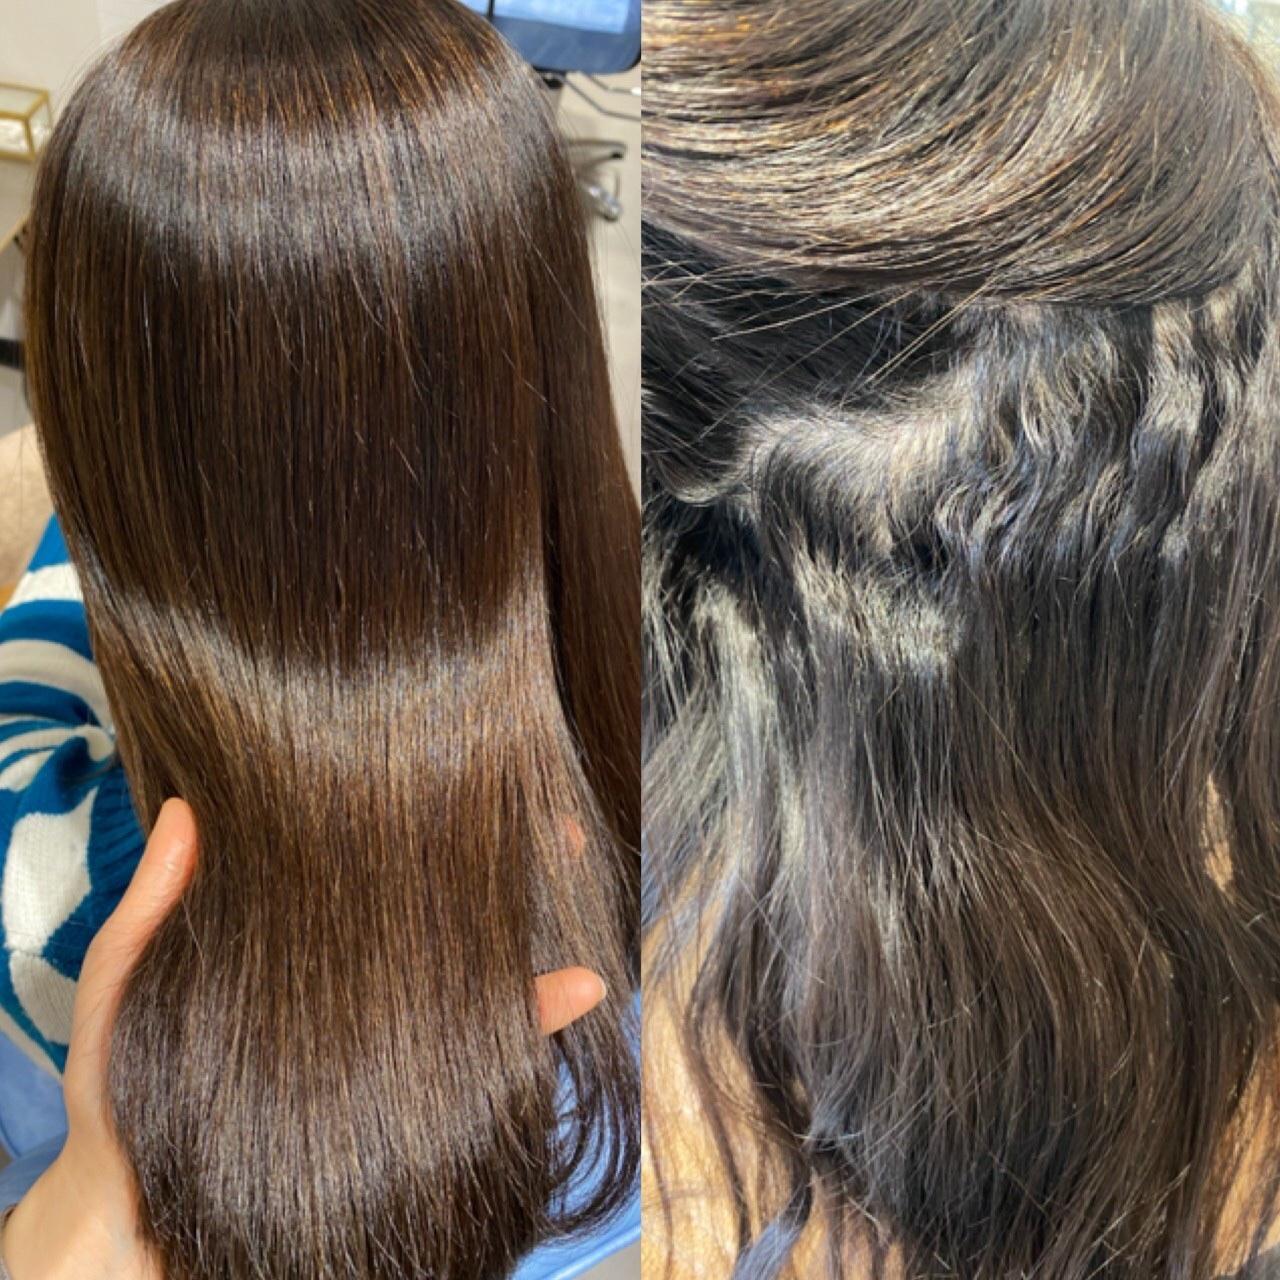 ノンダメージ髪質改善で天使の輪ができる艶髪へ